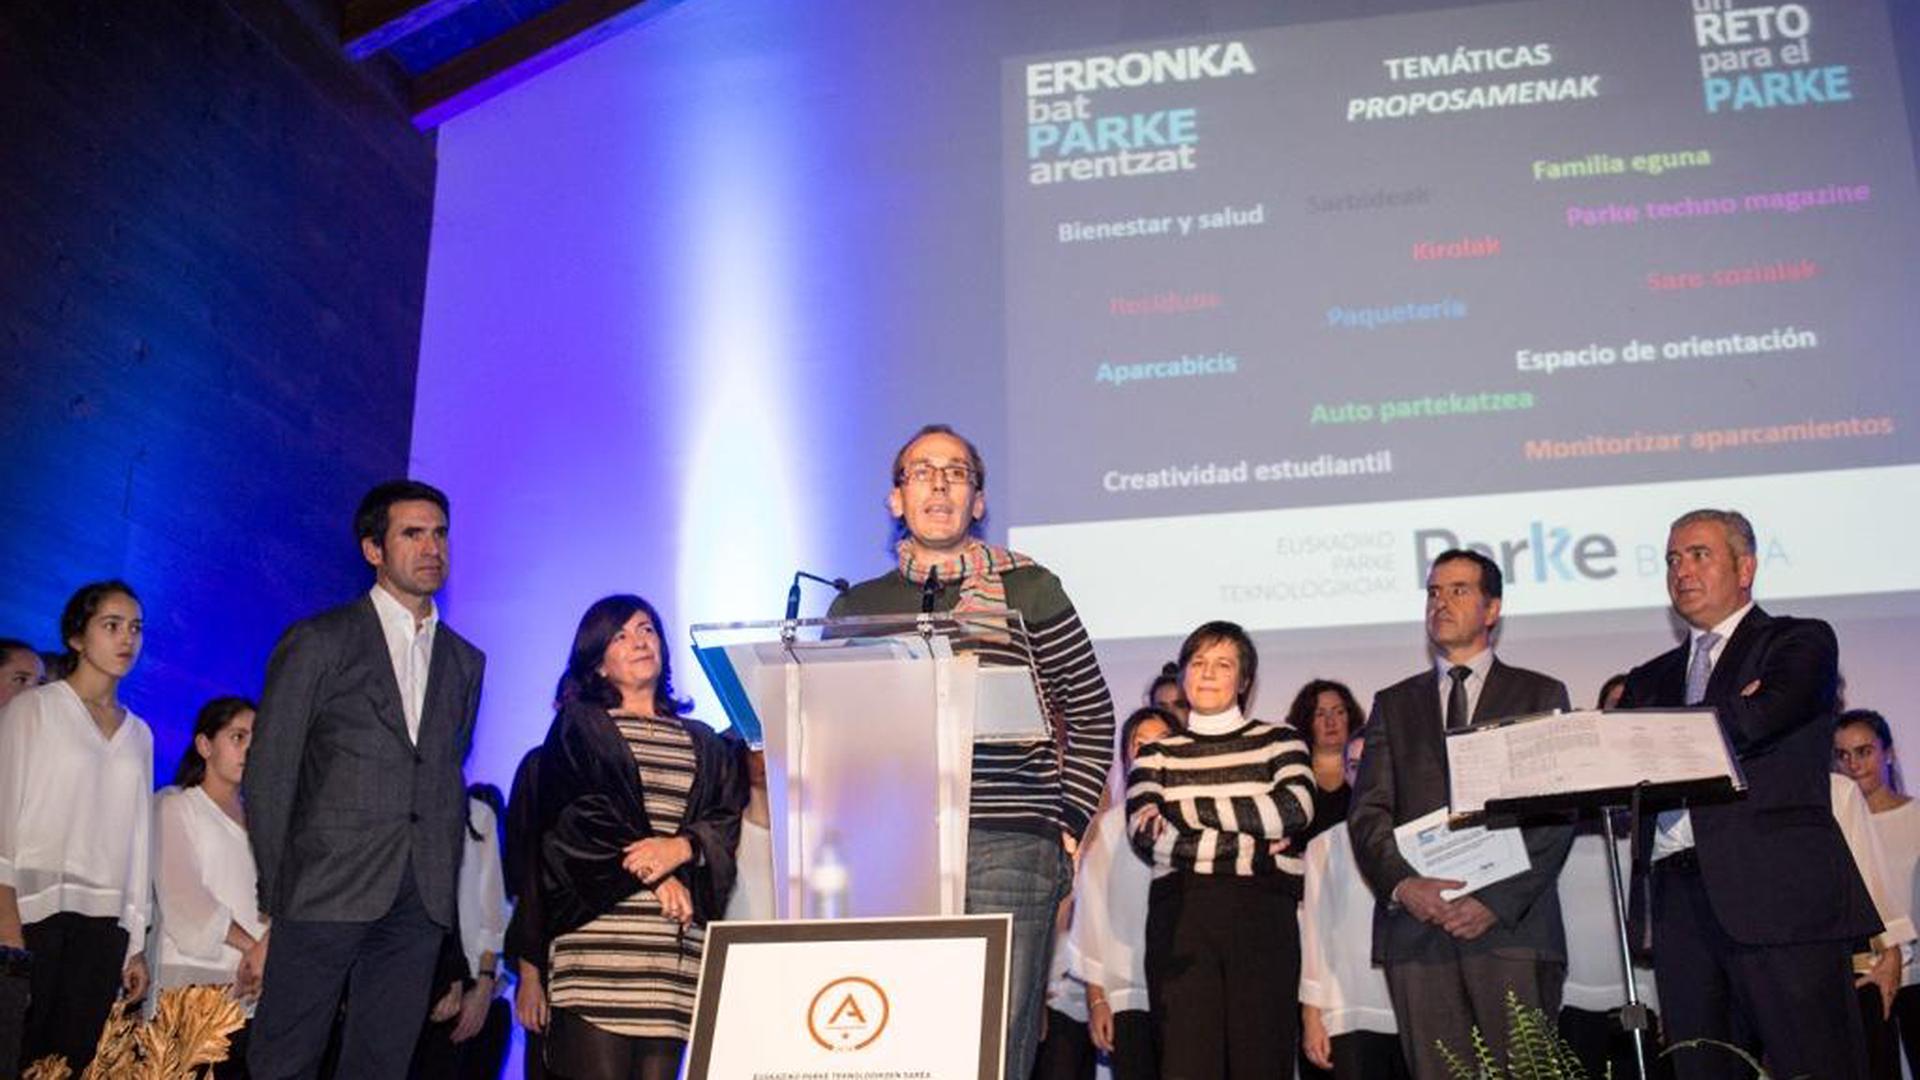 """La propuesta de Iñigo Bengoa, de LKS Tasaciones, gana el Concurso de iniciativa de innovación abierta """"Un Reto para el Parke"""""""